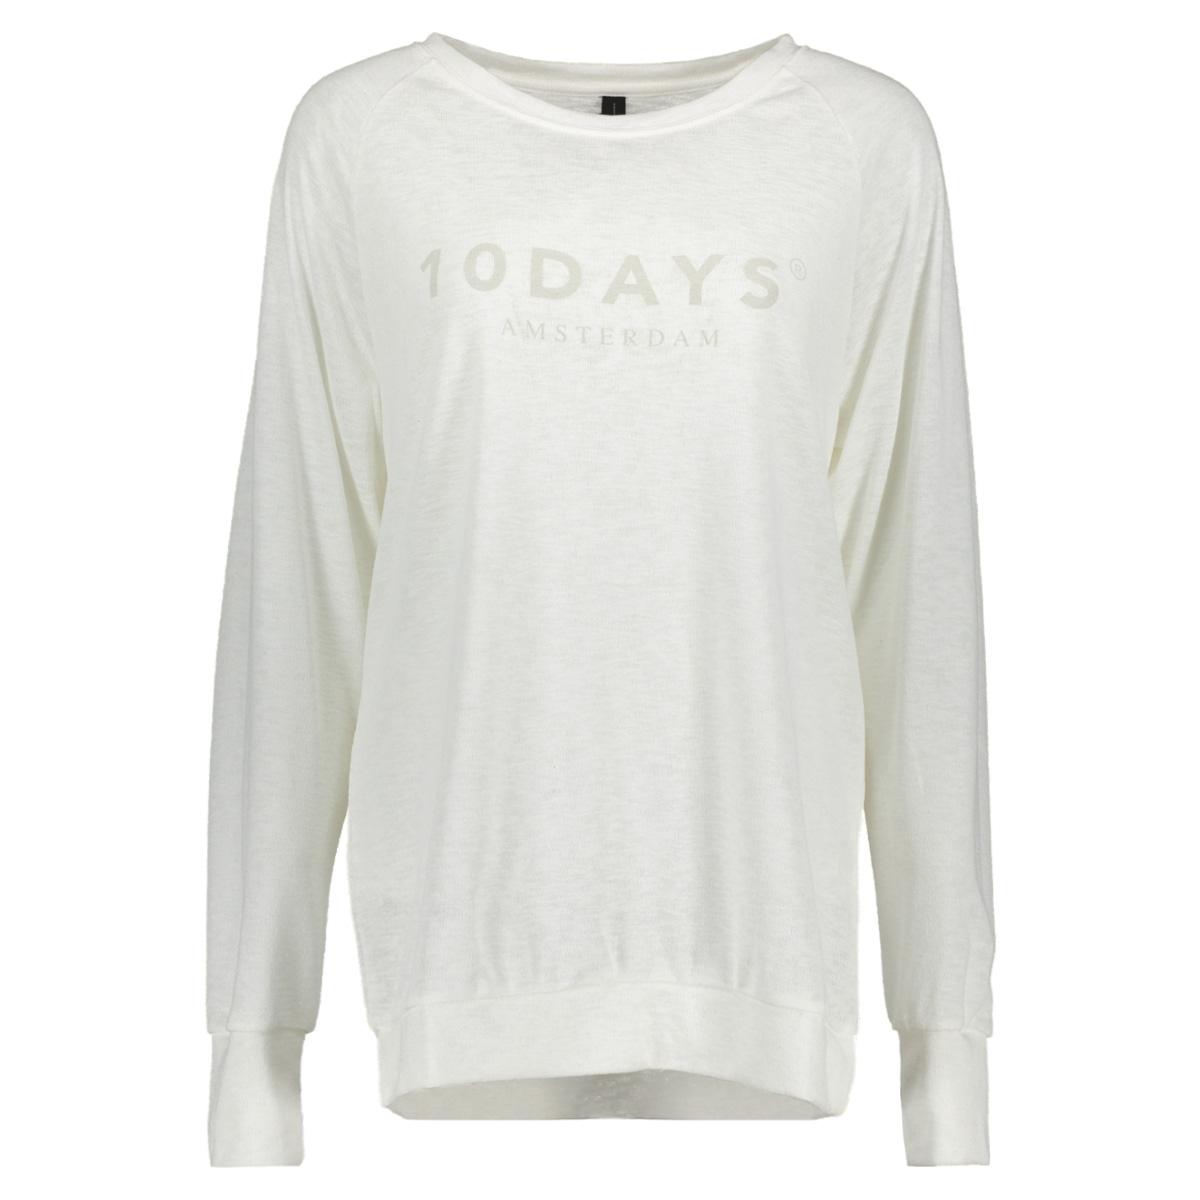 20-782-7103 10 days sweater ecru